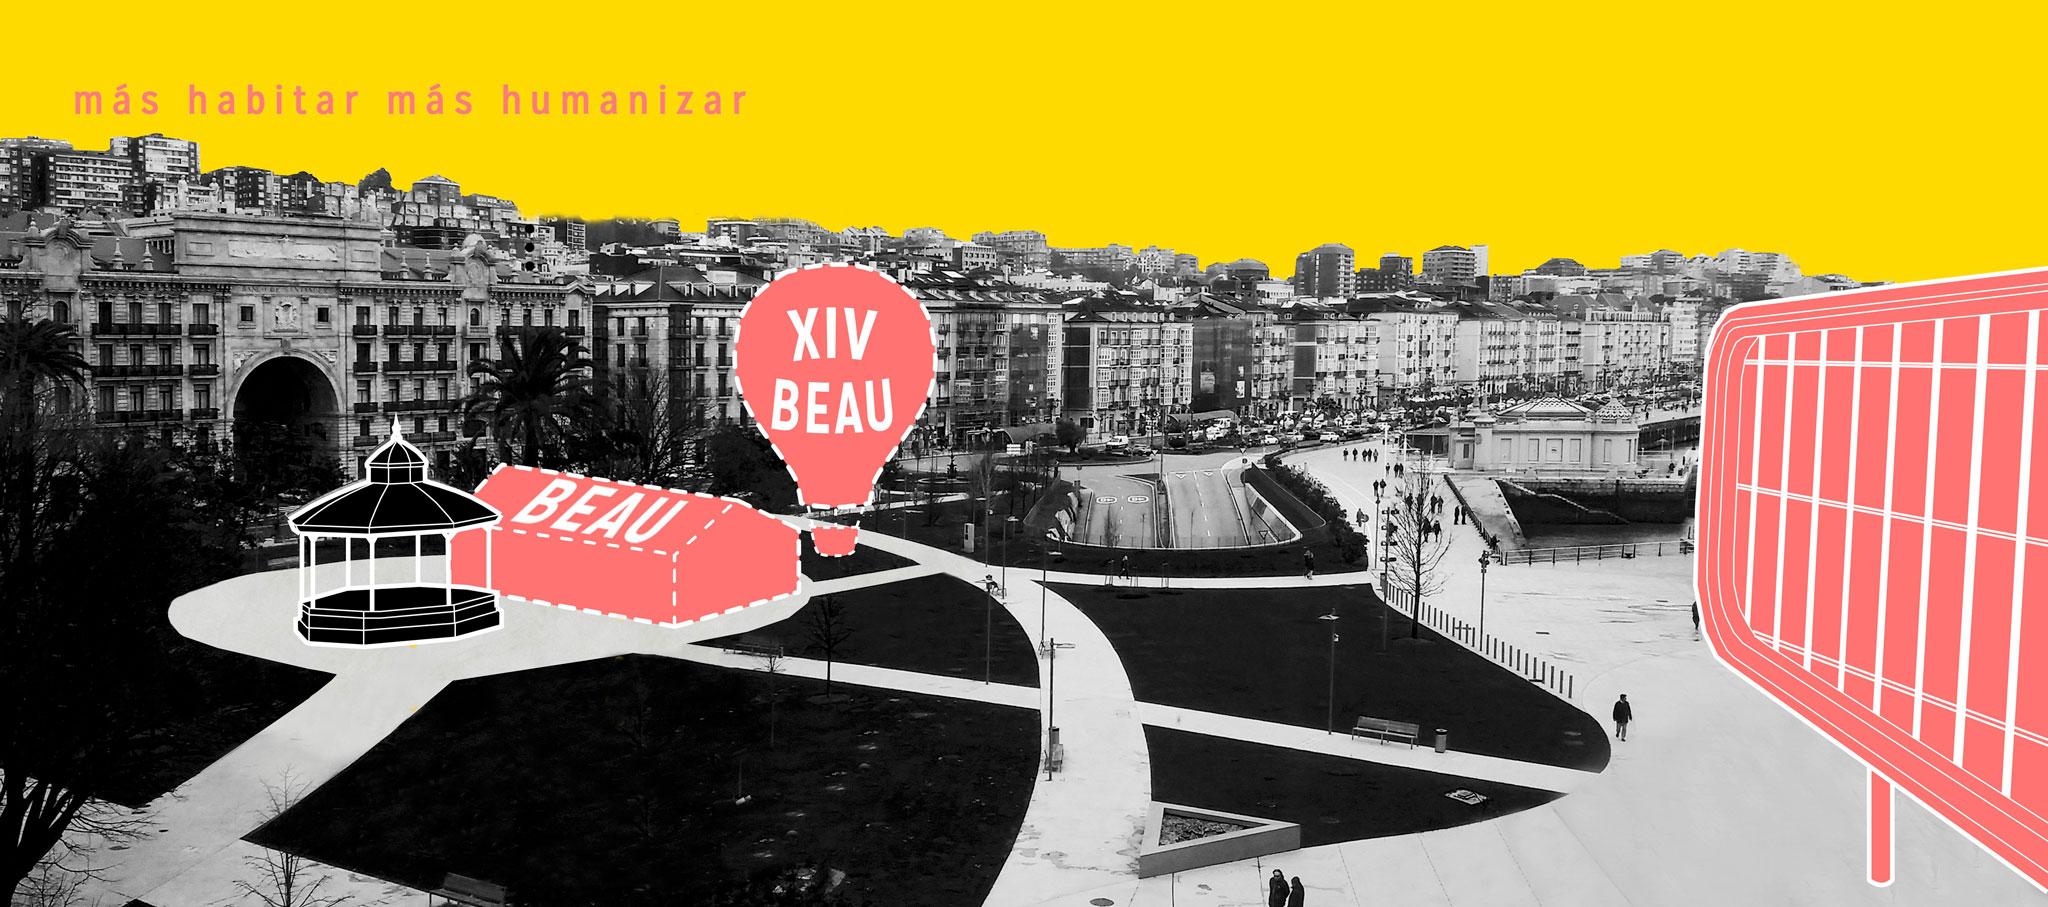 XIV BEAU. Santander. España